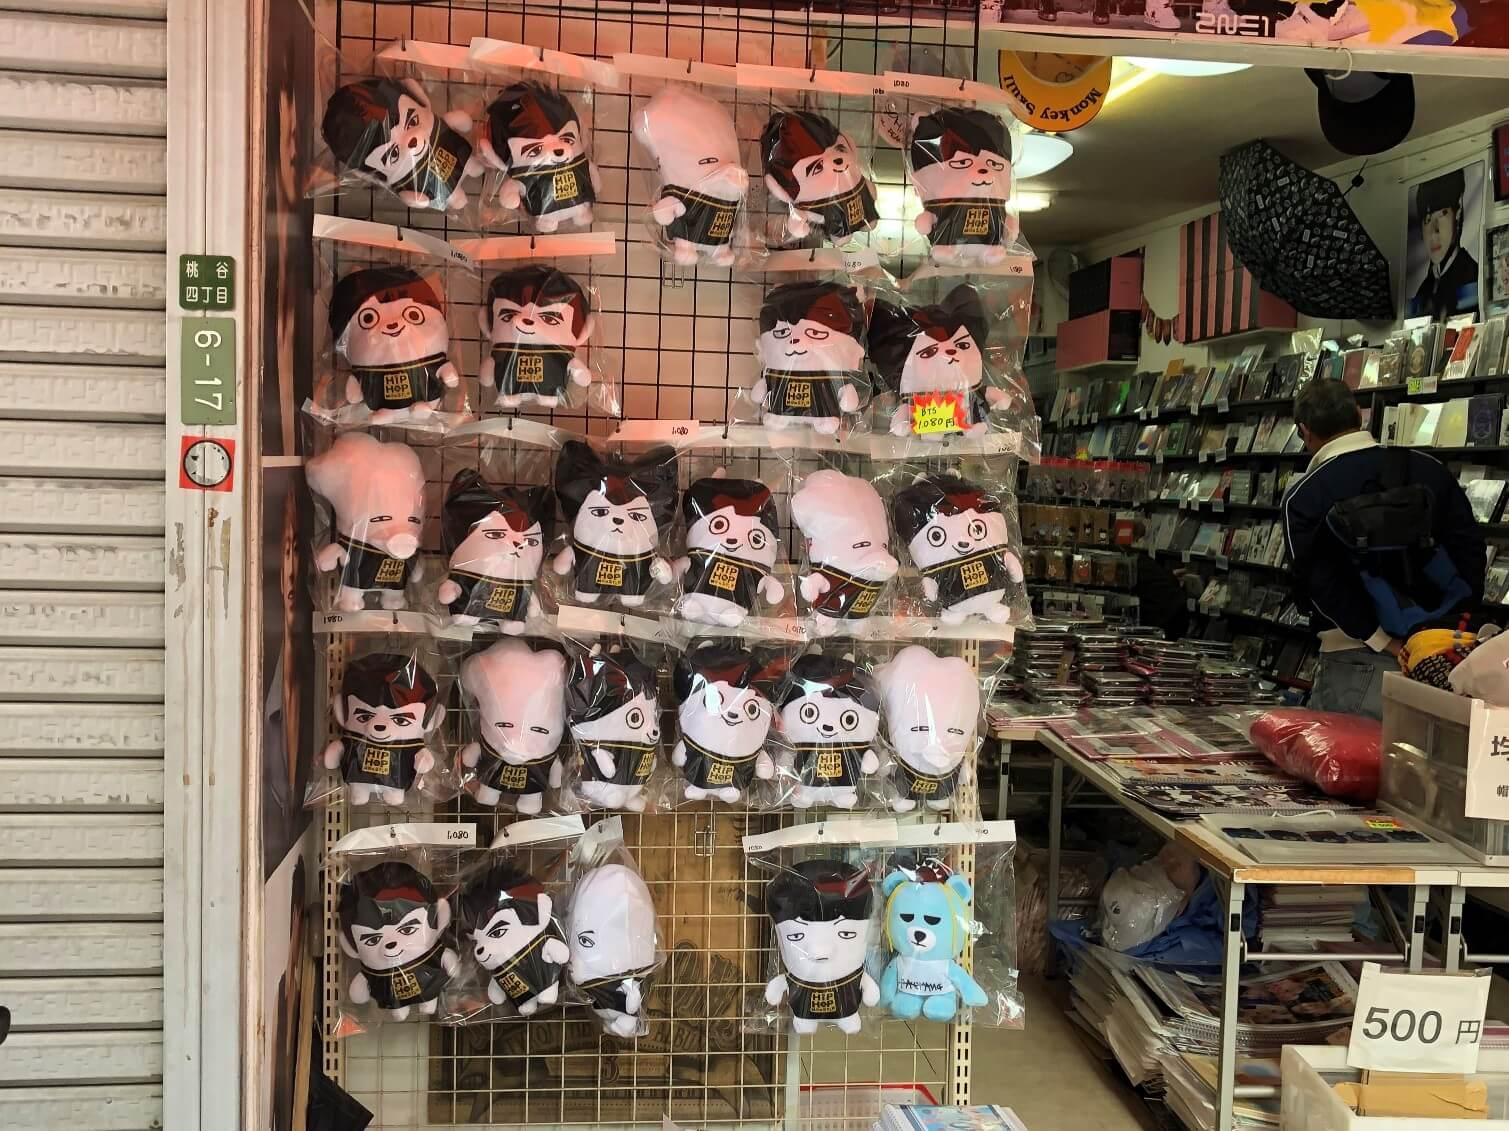 ヨンちゃんの韓流shopで売っているものは?